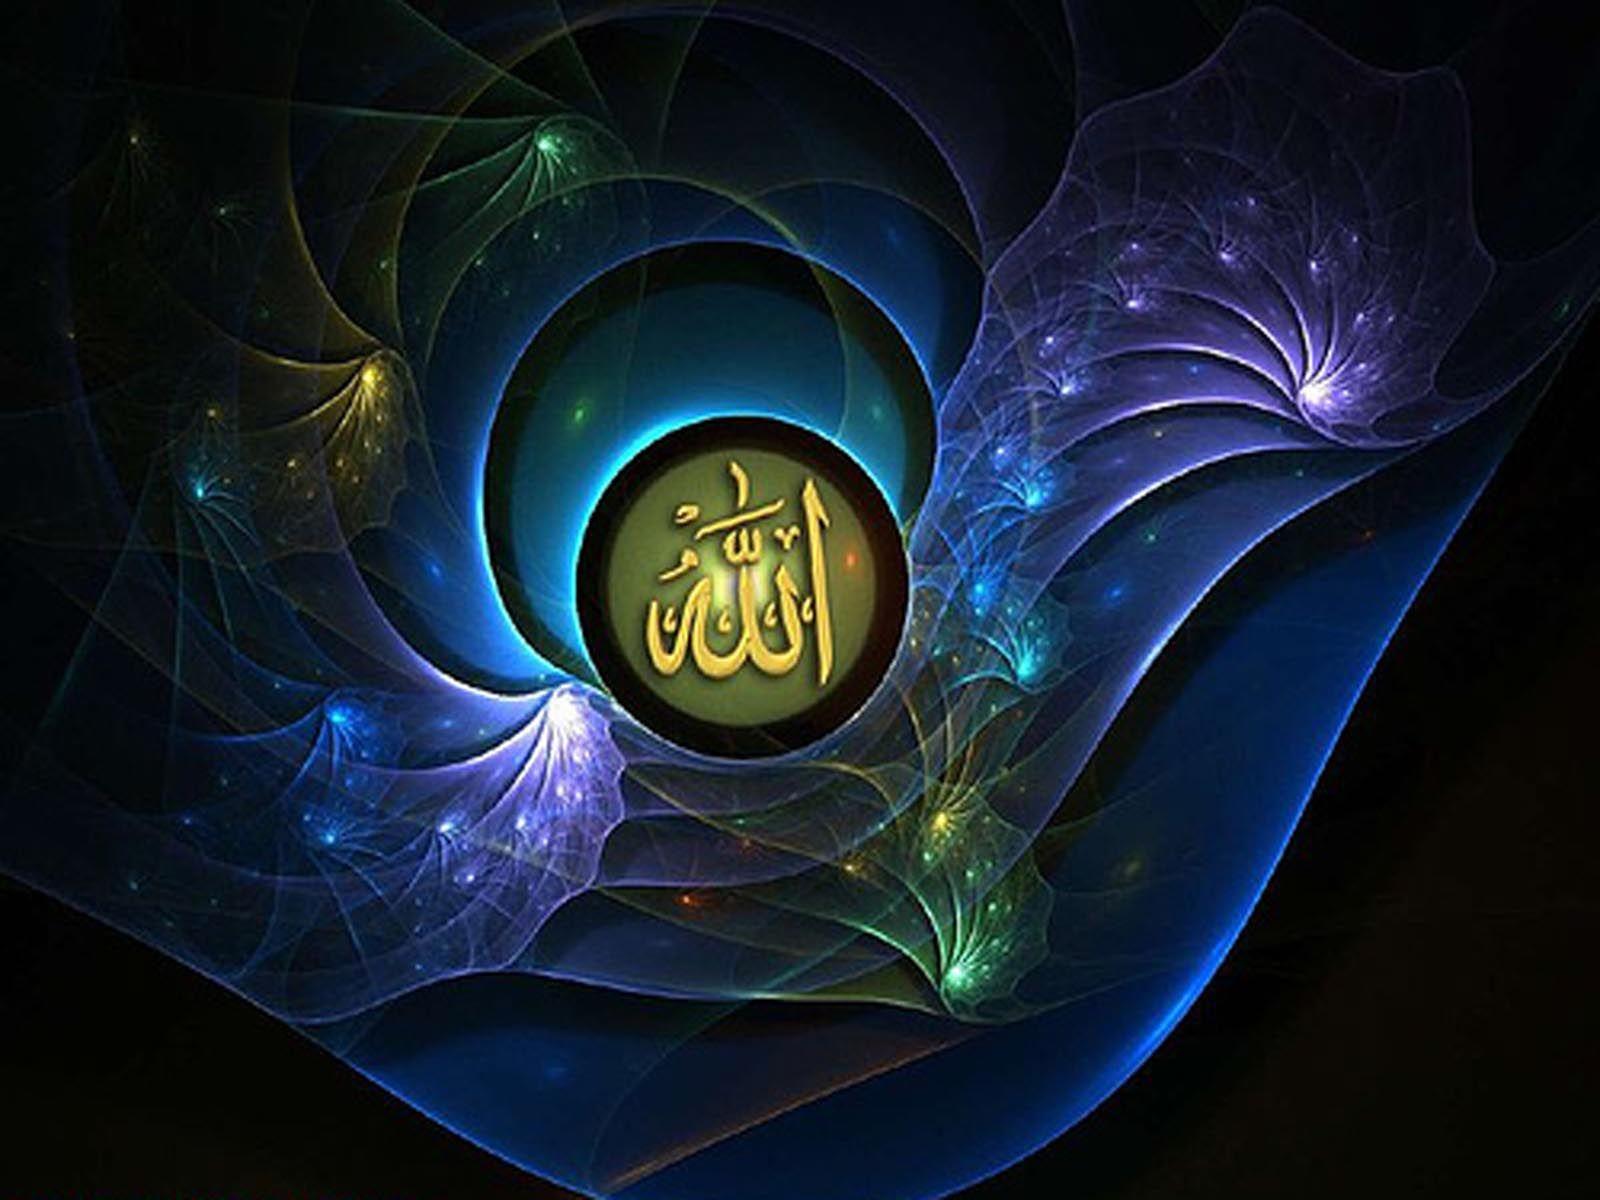 49 Allah Wallpaper Hd On Wallpapersafari Allah Wallpaper Name Wallpaper Wallpaper